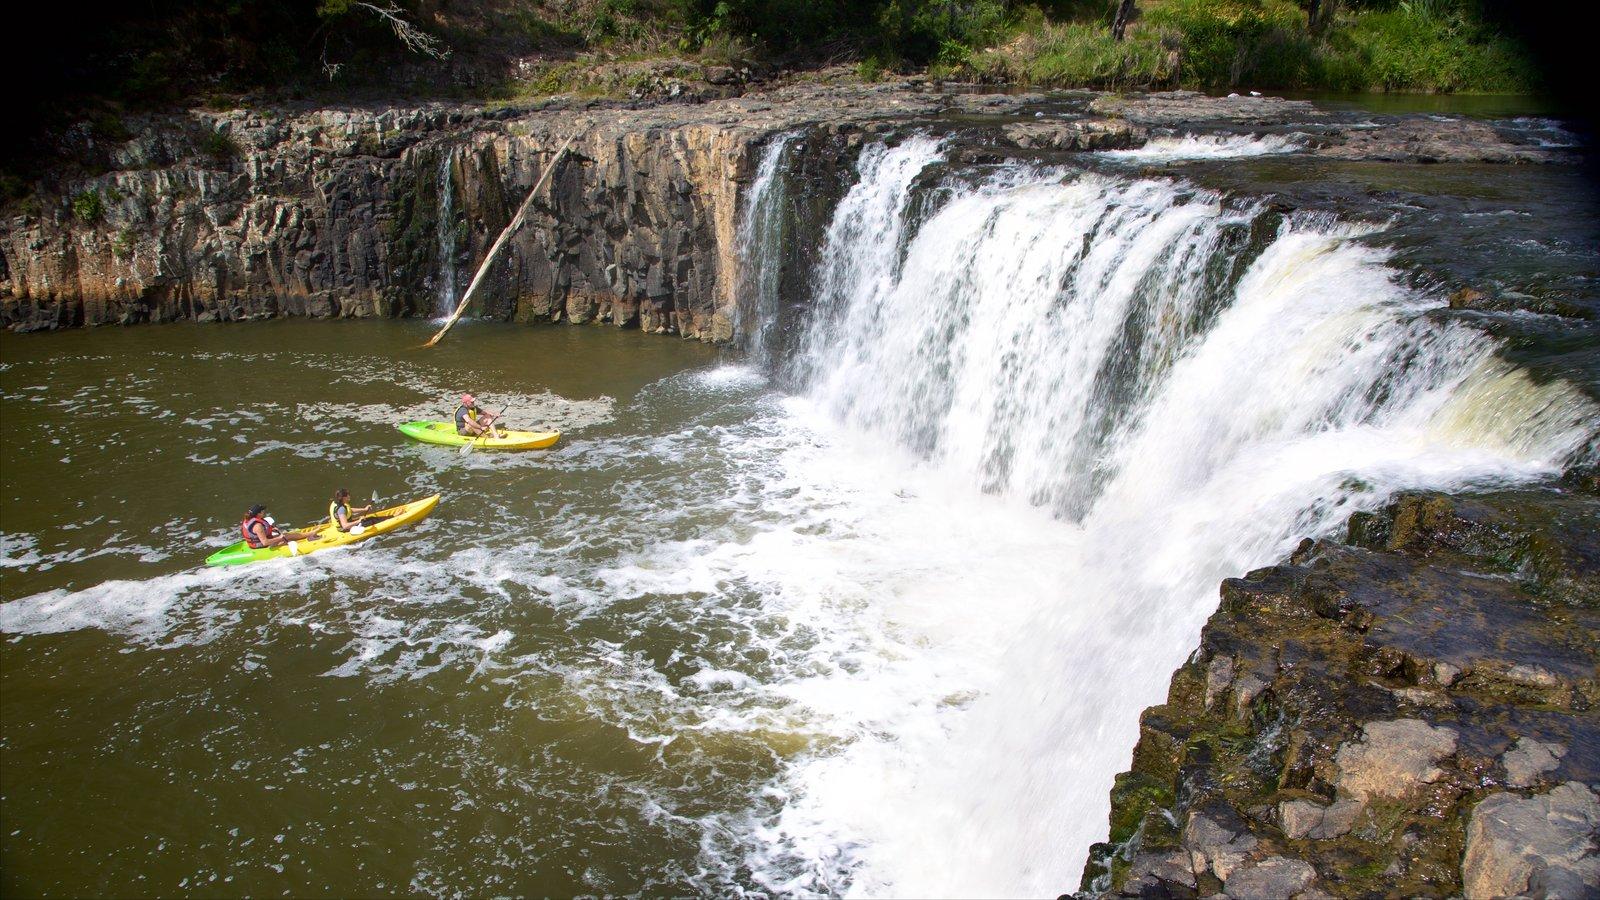 Cascadas de Hururu que incluye un río o arroyo, una catarata y kayak o canoa